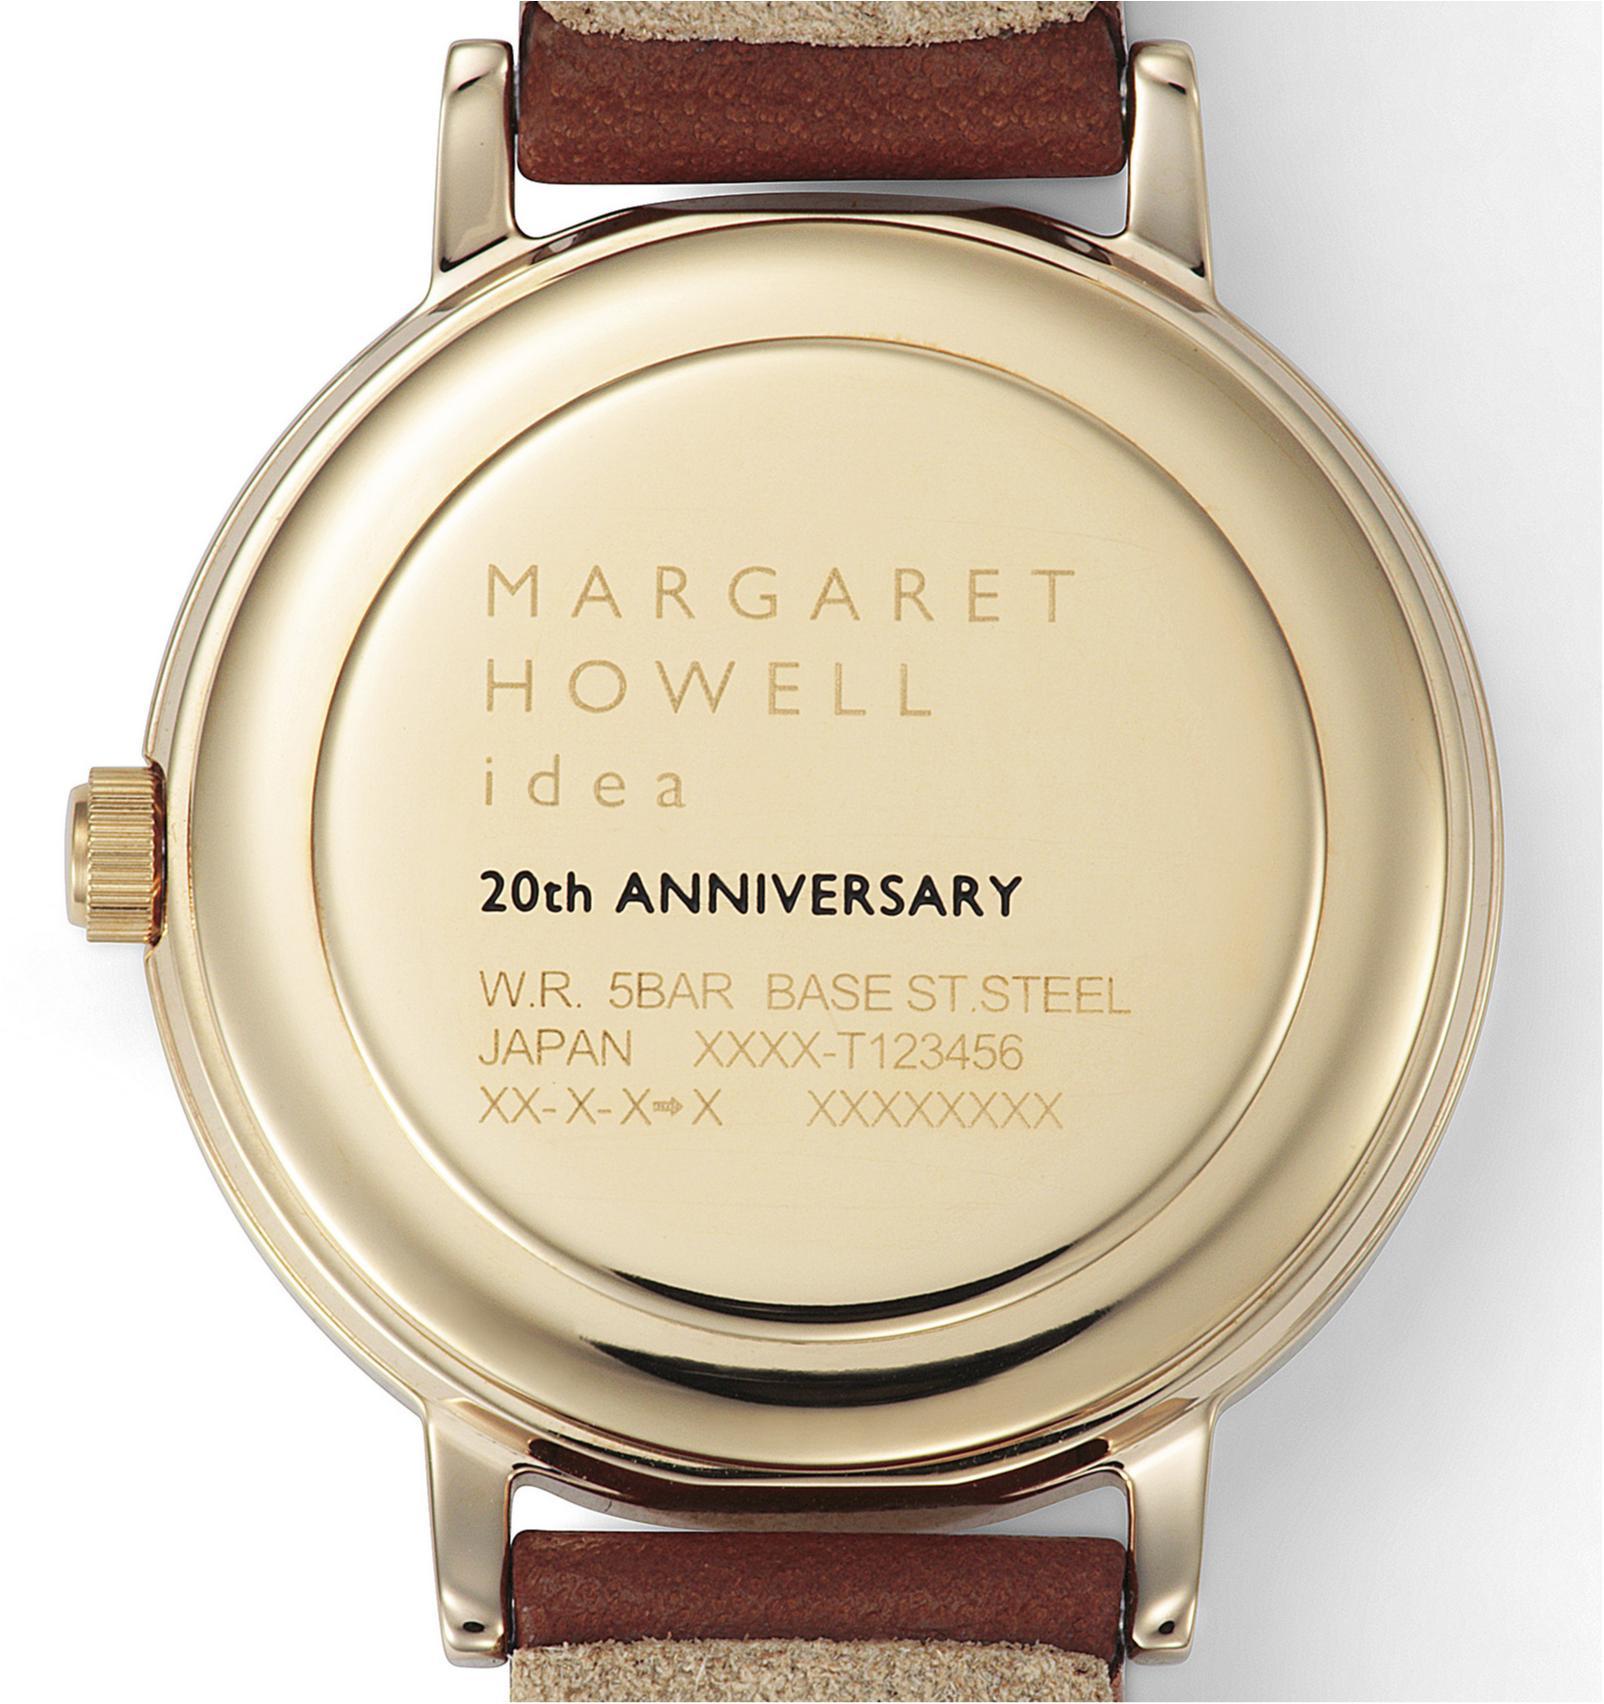 ウオッチ誕生20周年☆ 『マーガレット・ハウエル アイデア』の記念モデルで大人な手元に_2